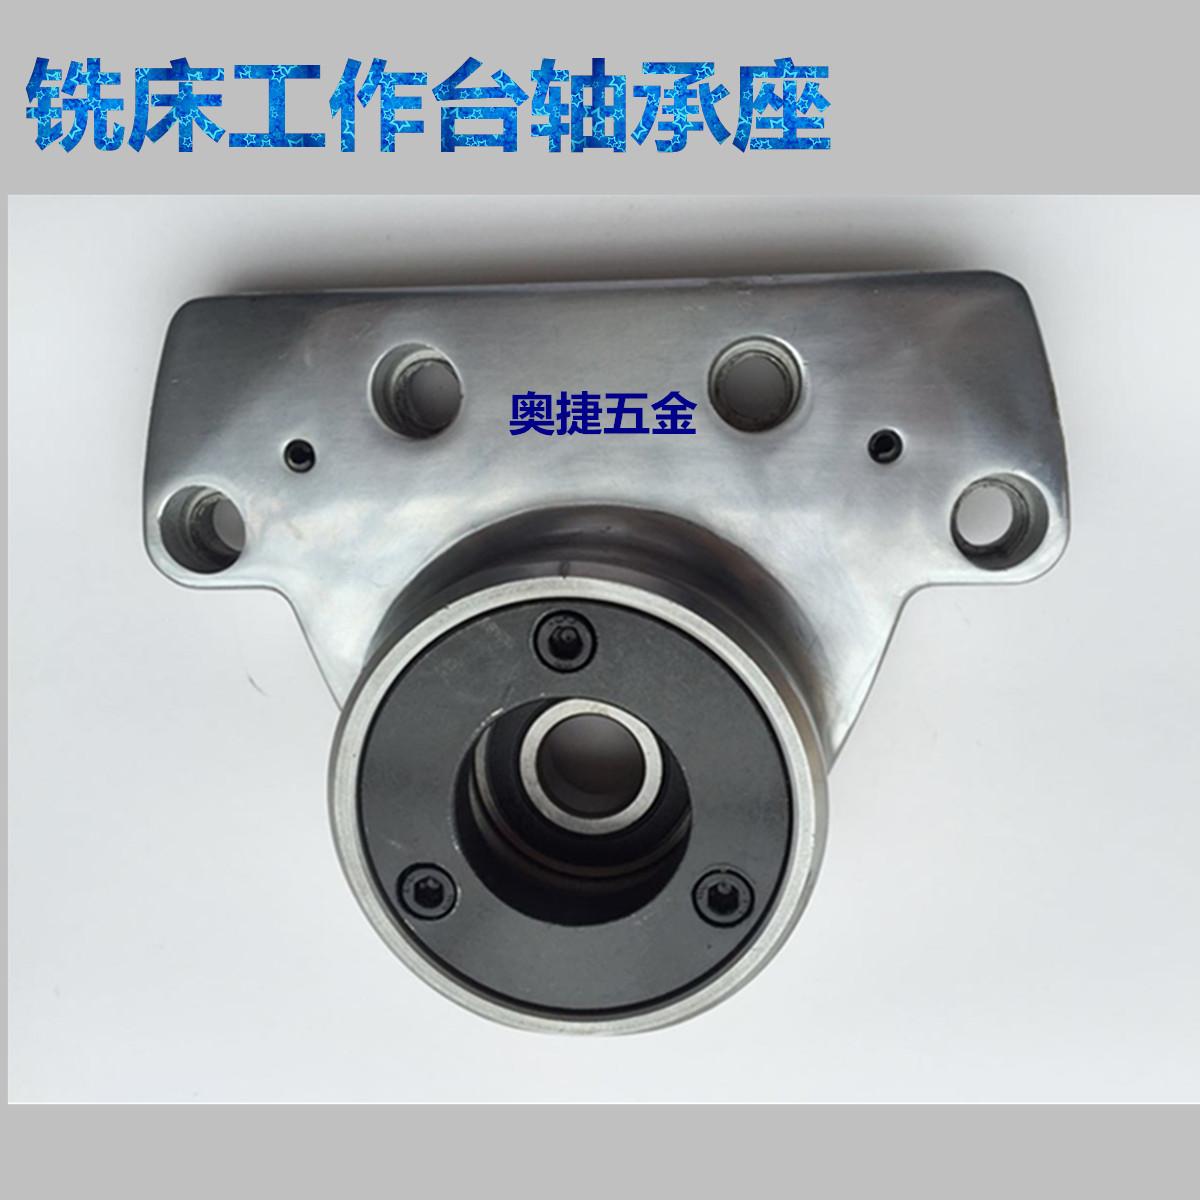 台湾炮塔铣床配件X轴左右工作台轴承座丝杆座D11D12